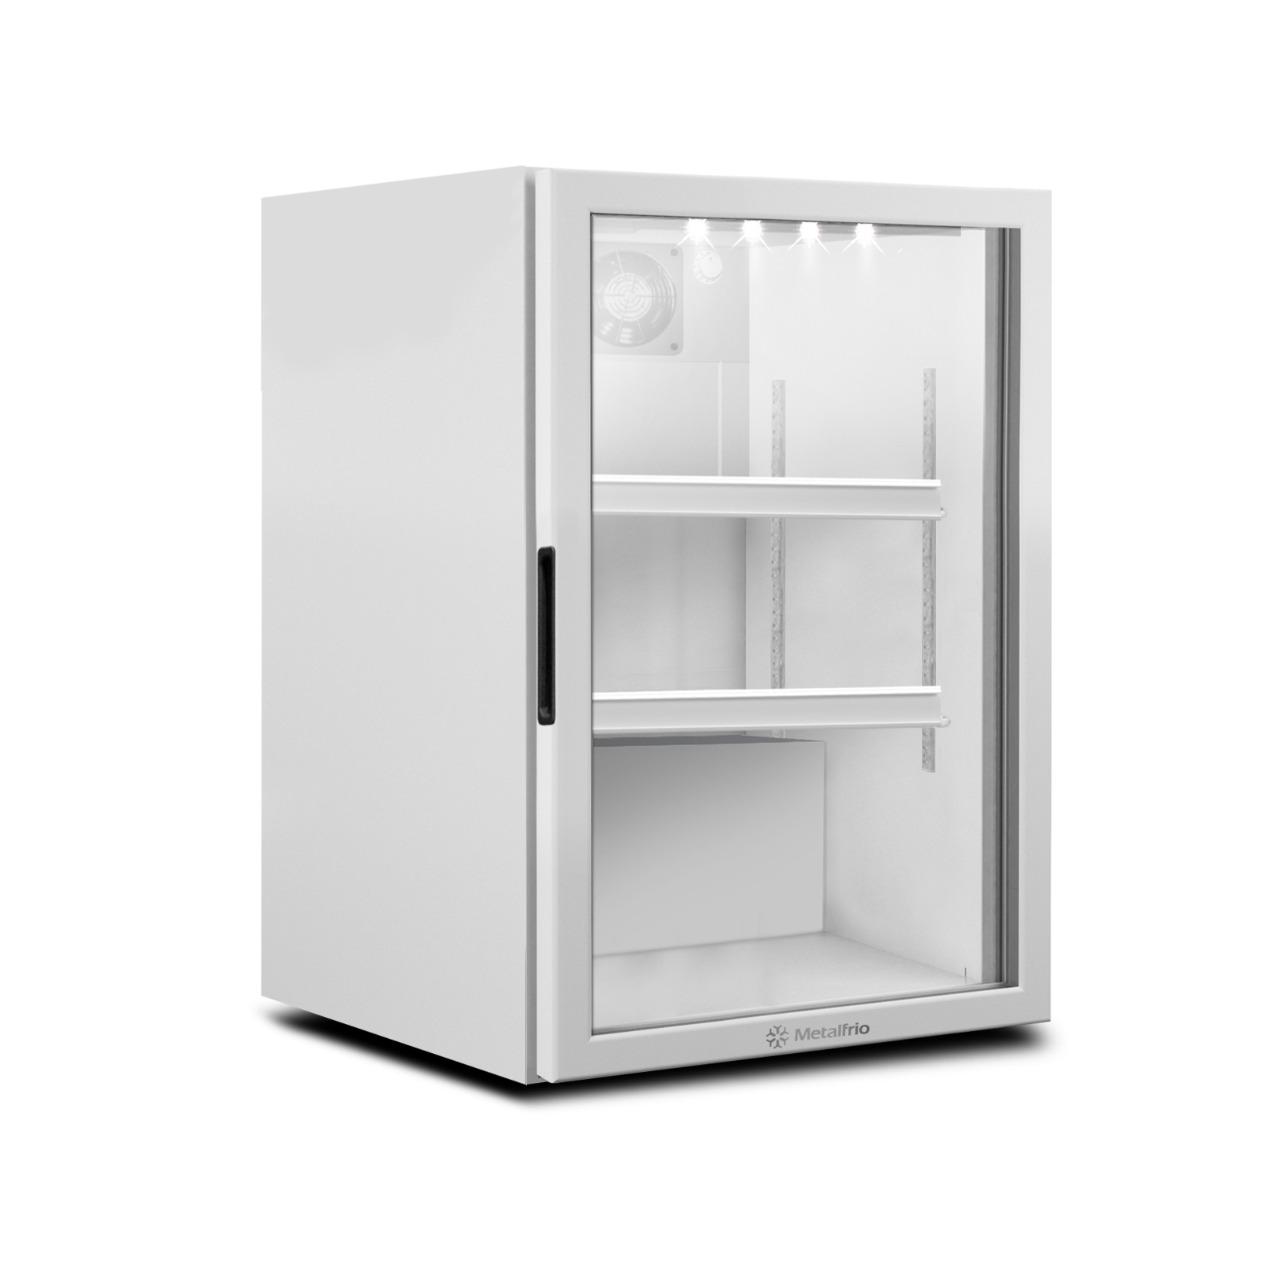 Refrigerador Vertical 97l - Metalfrio